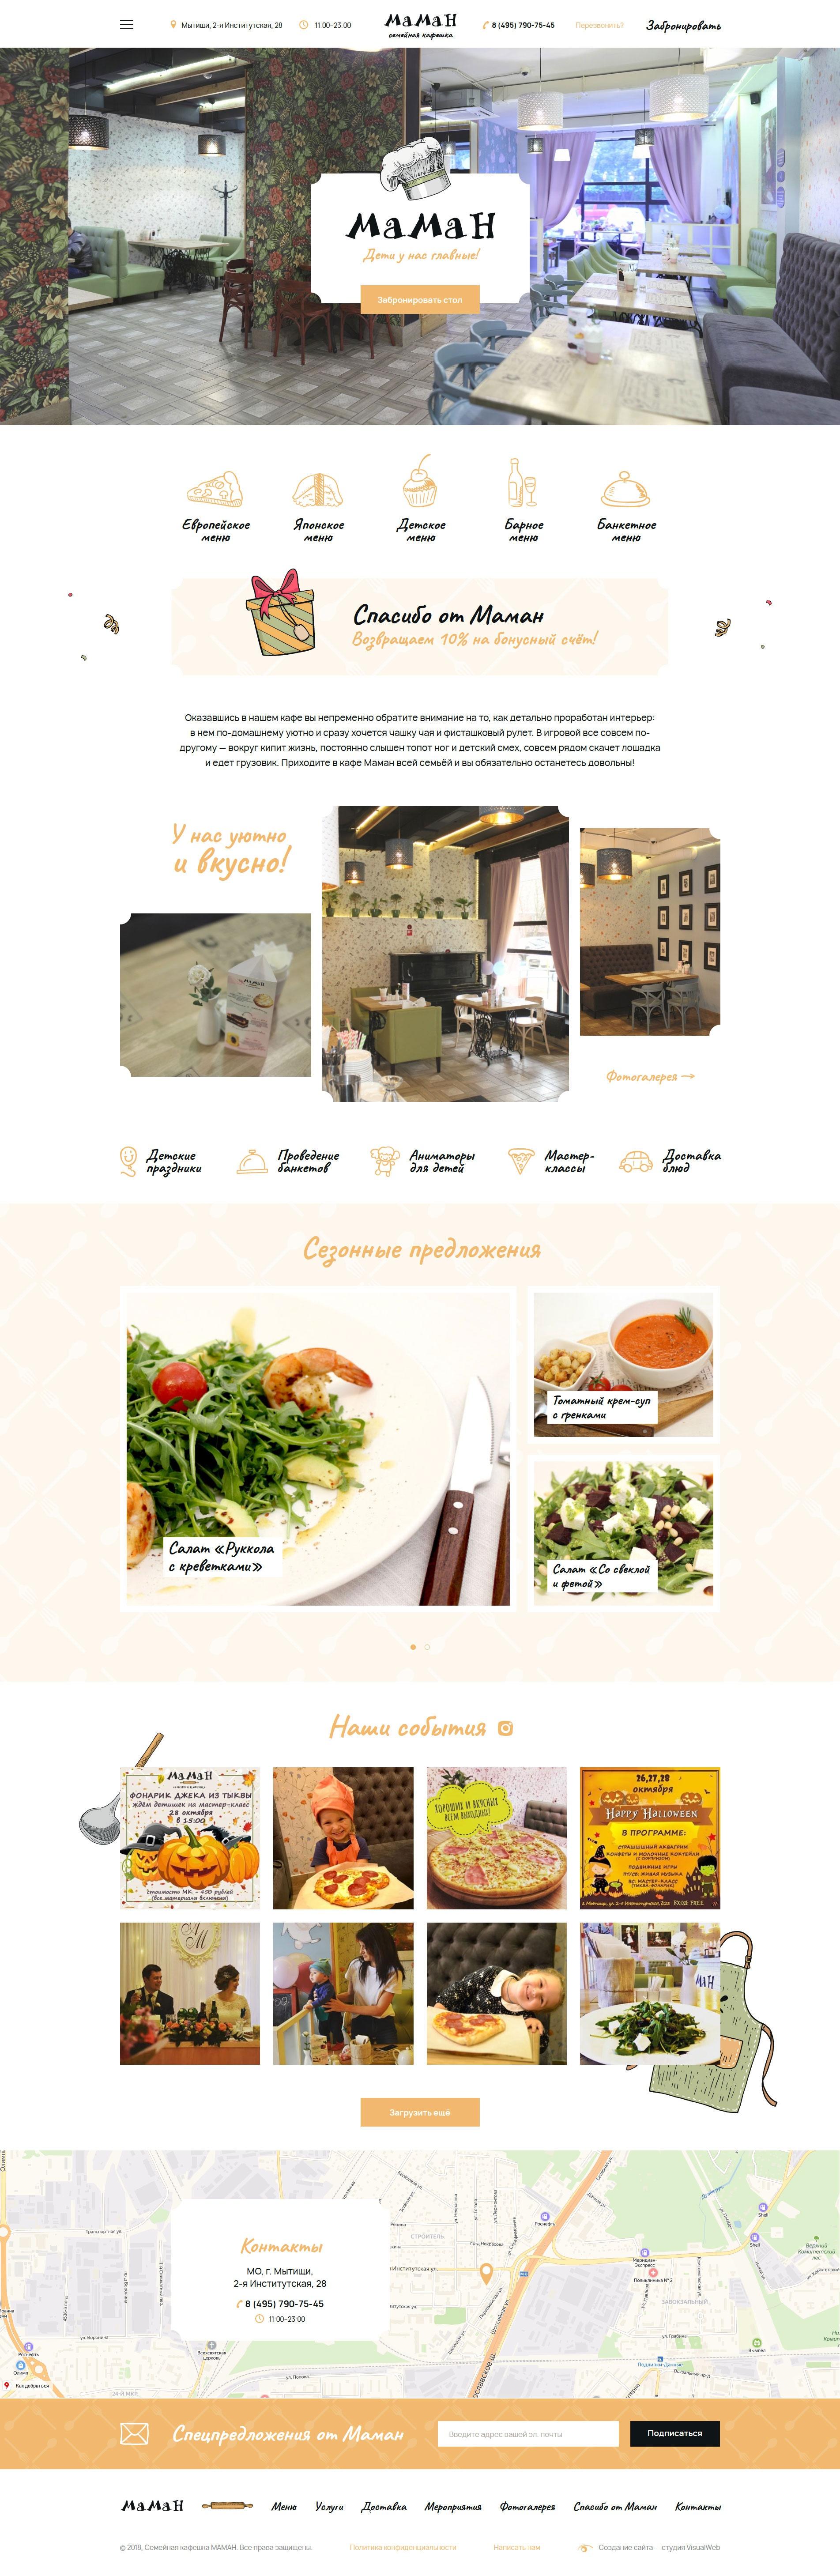 Создание сайта кафе Маман.